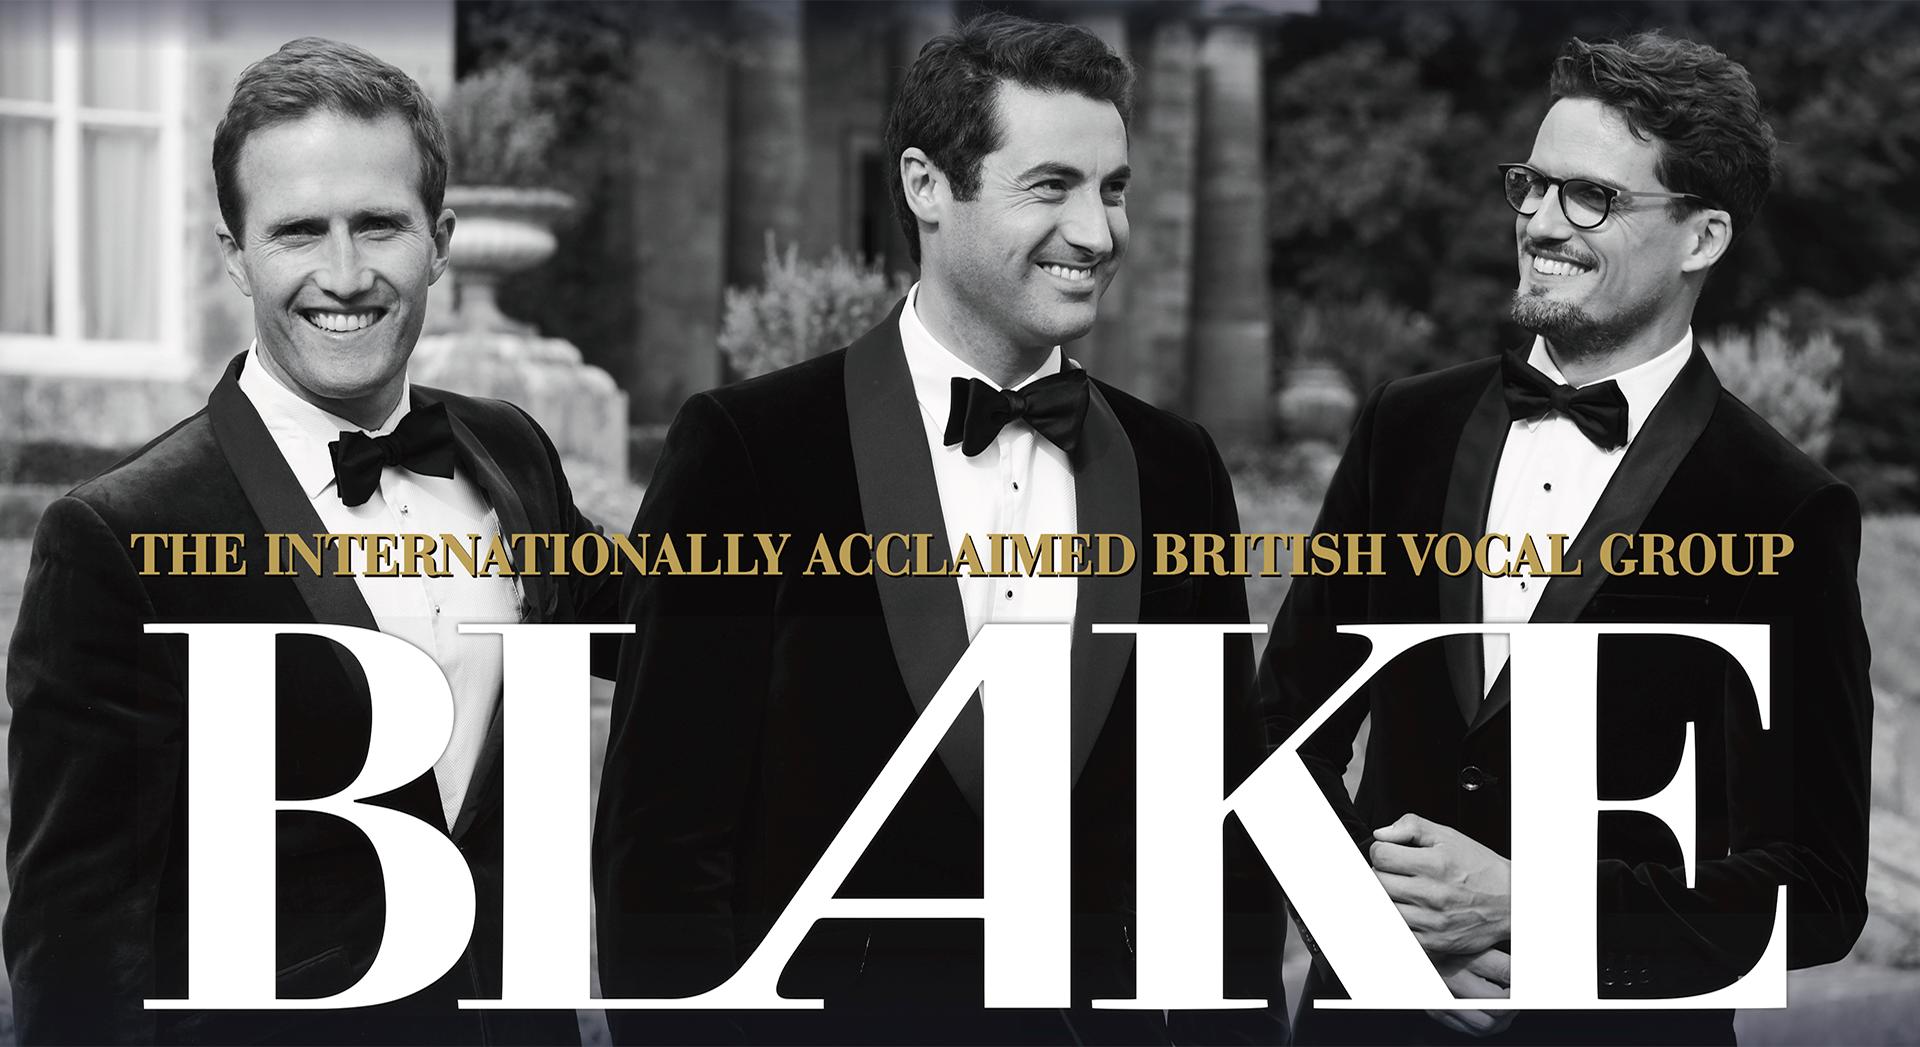 Blake koncert 2019